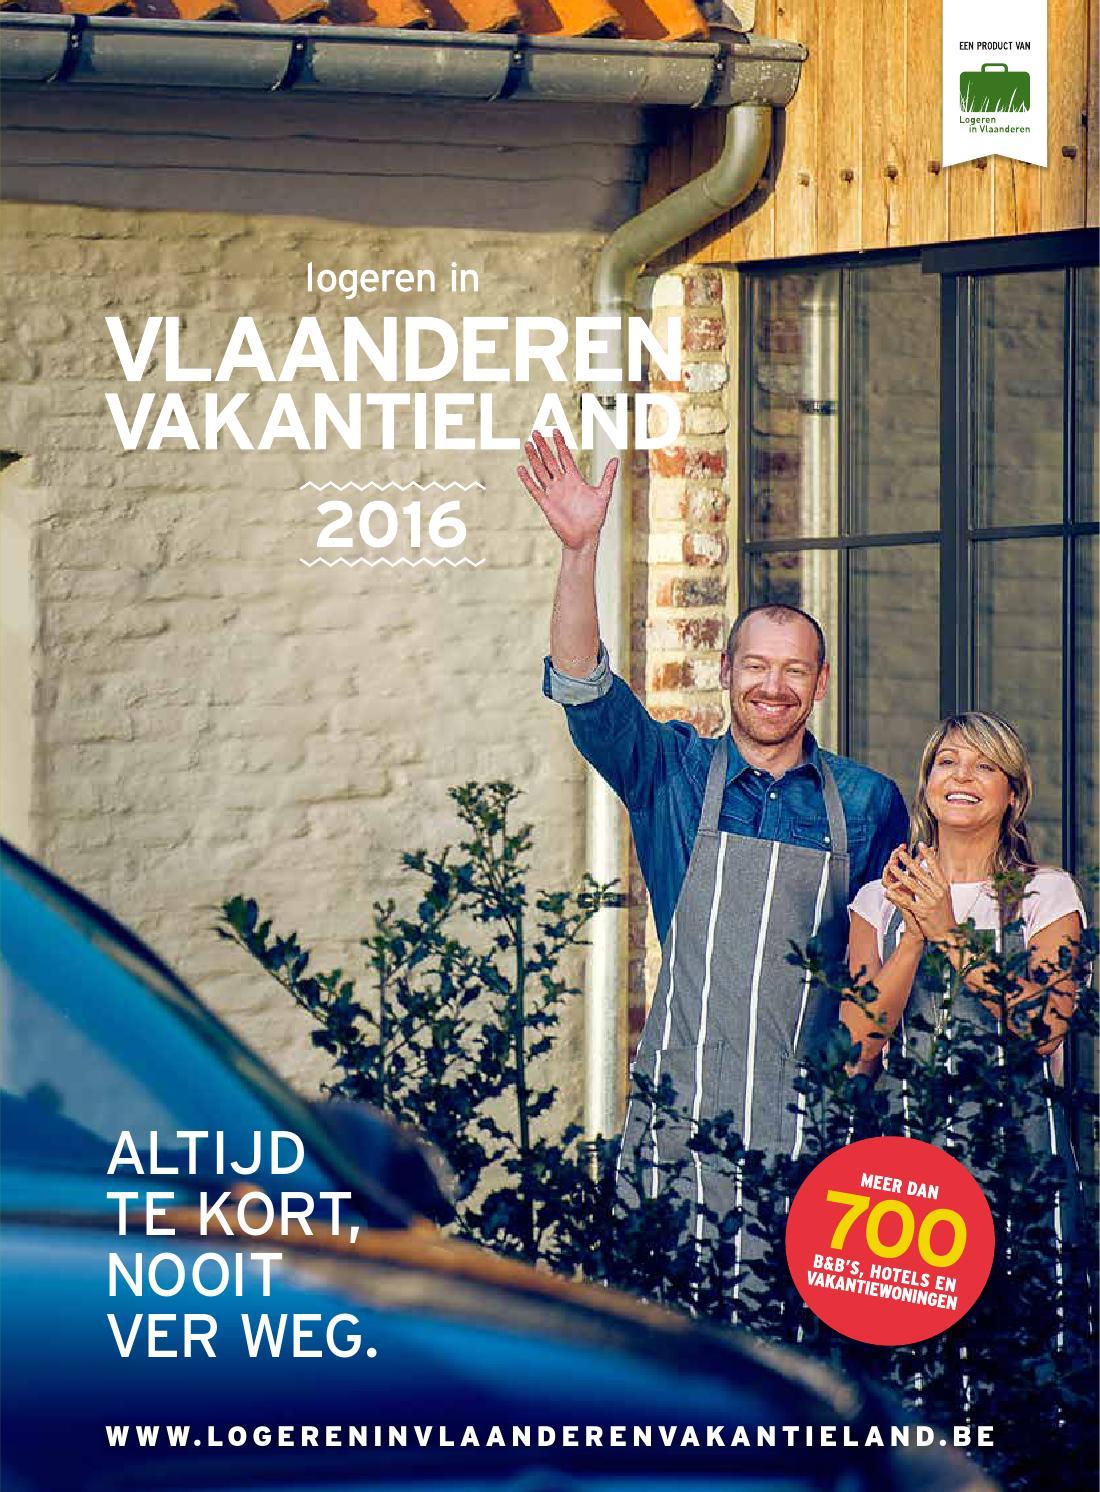 Babybed opmaken zomer - Logiesboek Logeren In Vlaanderen Vakantieland 2016 By Logereninvlaanderen Issuu